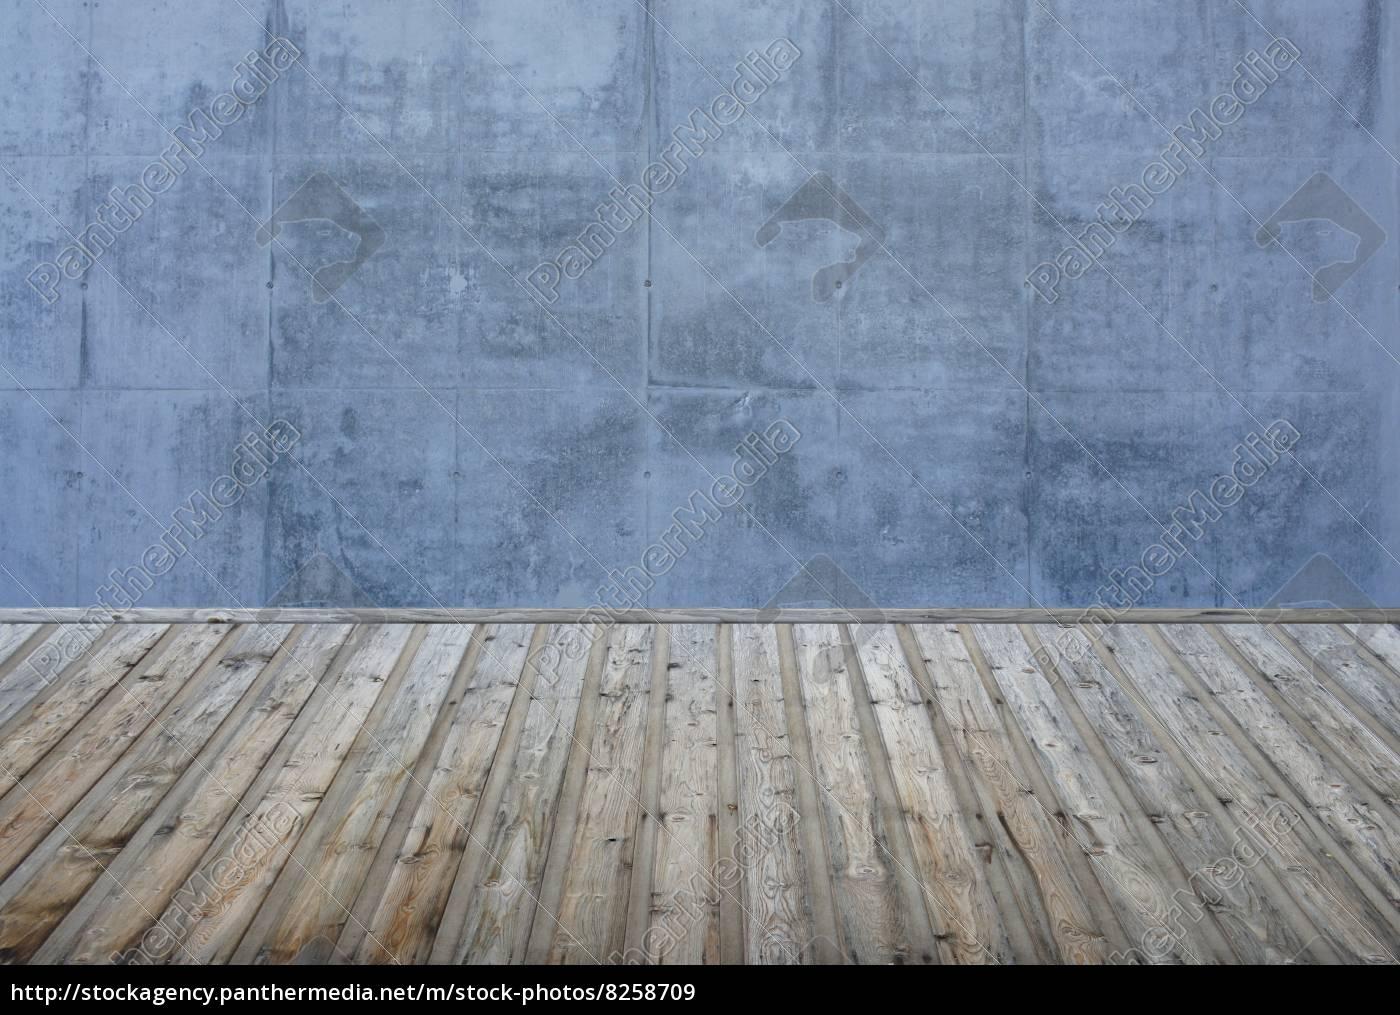 Leerer Raum - Steinwand blau-grau und Holzboden - Stockfoto ...